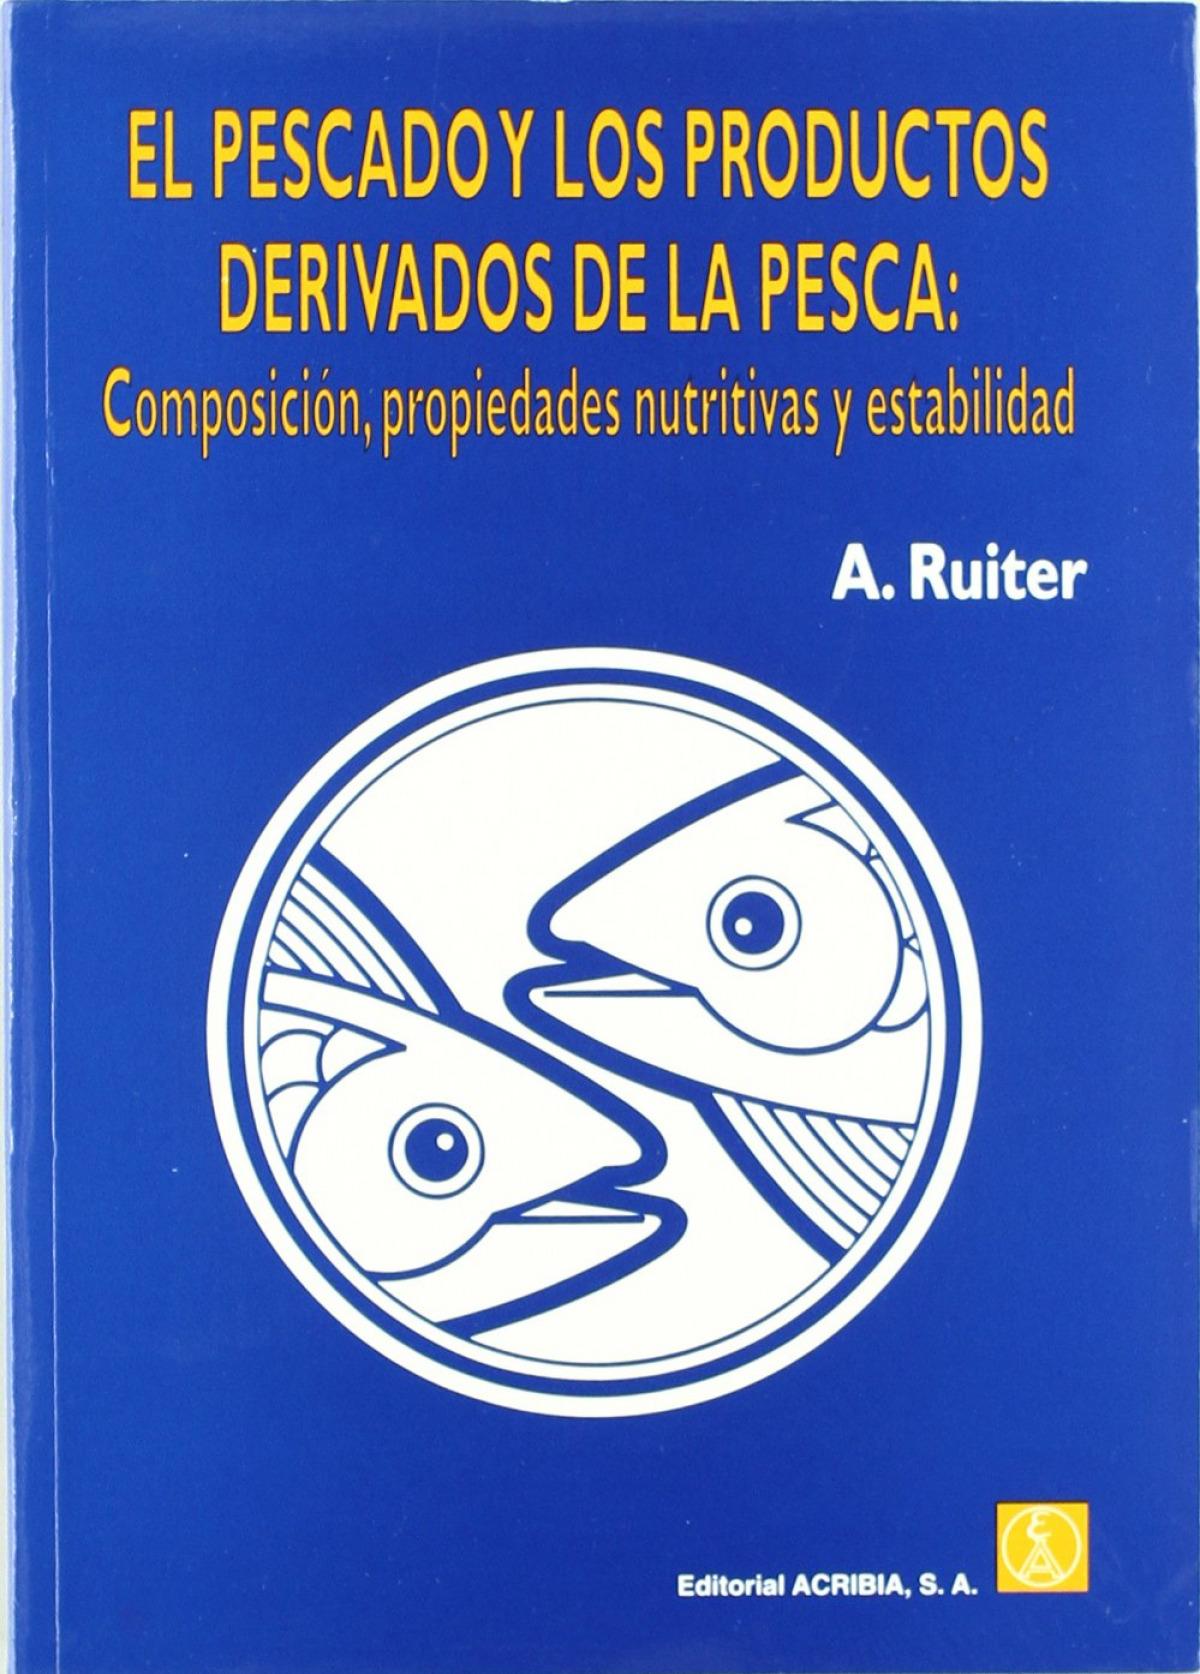 EL PESCADO/LOS PRODUCTOS DERIVADOS DE LA PESCA. COMPOSICIÓN, PROPIEDADES NUTRITIVAS/ESTABILIDAD